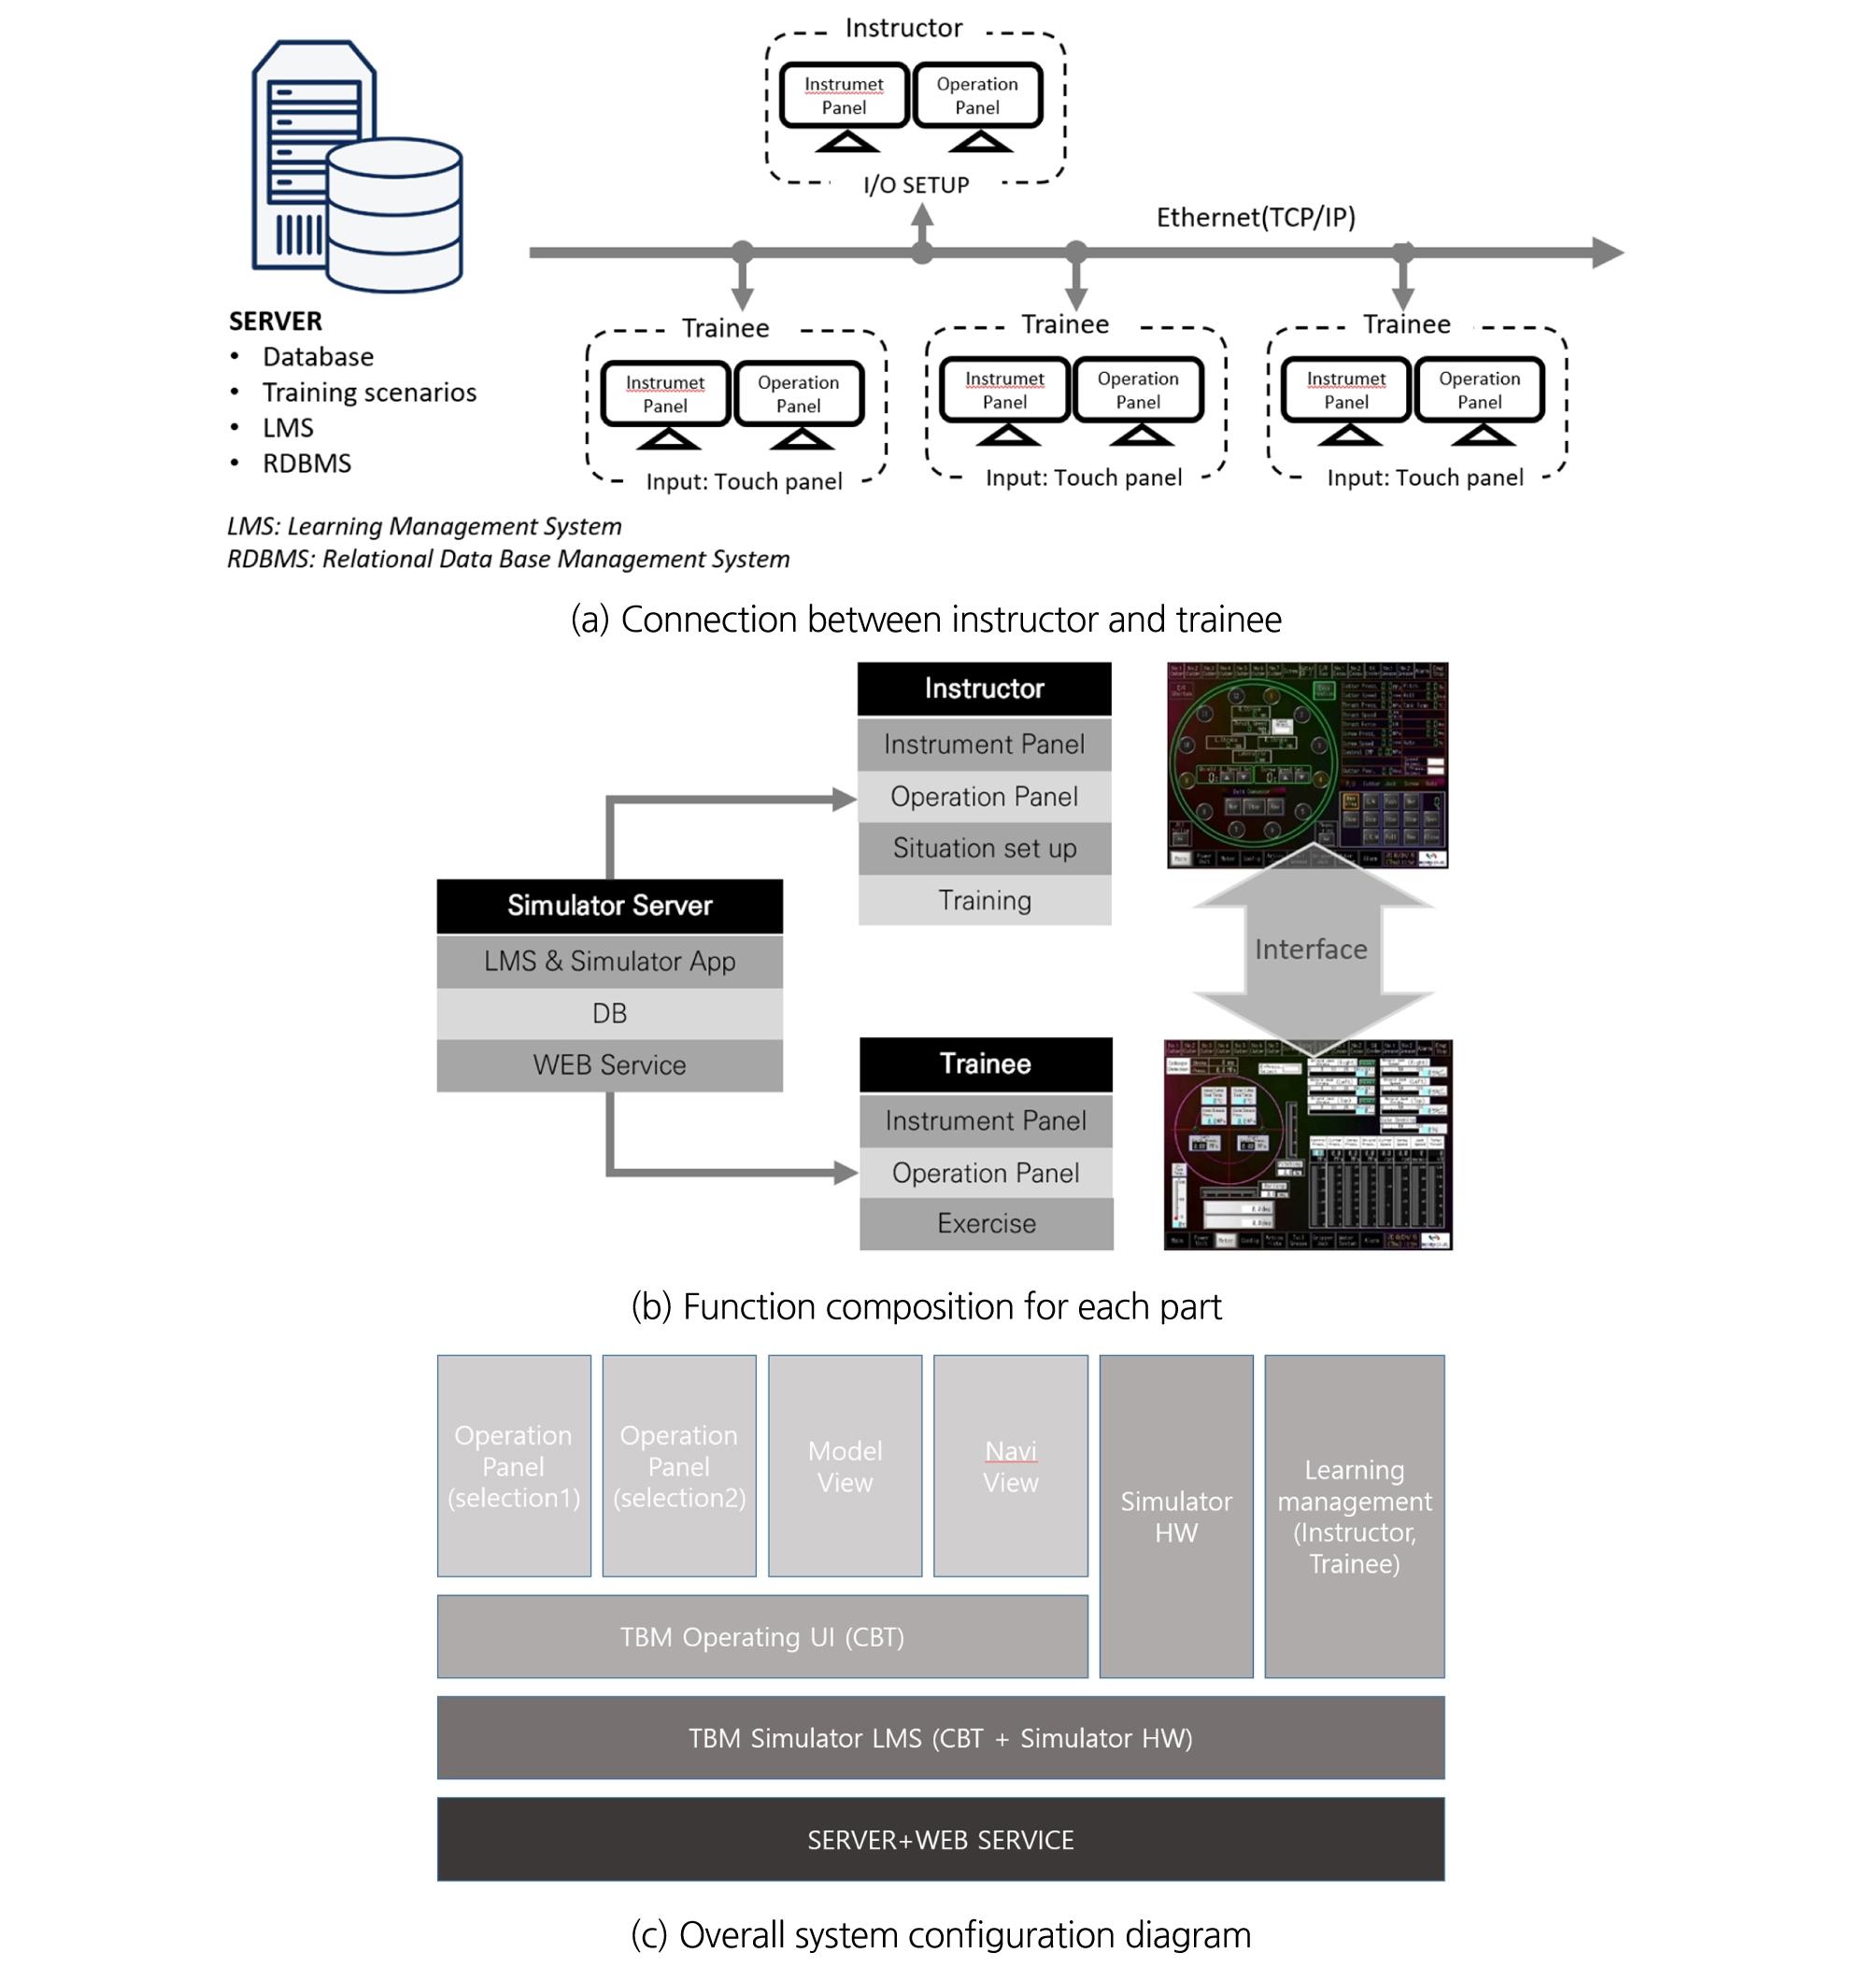 http://static.apub.kr/journalsite/sites/ksrm/2020-030-05/N0120300501/images/ksrm_30_05_01_F9.jpg